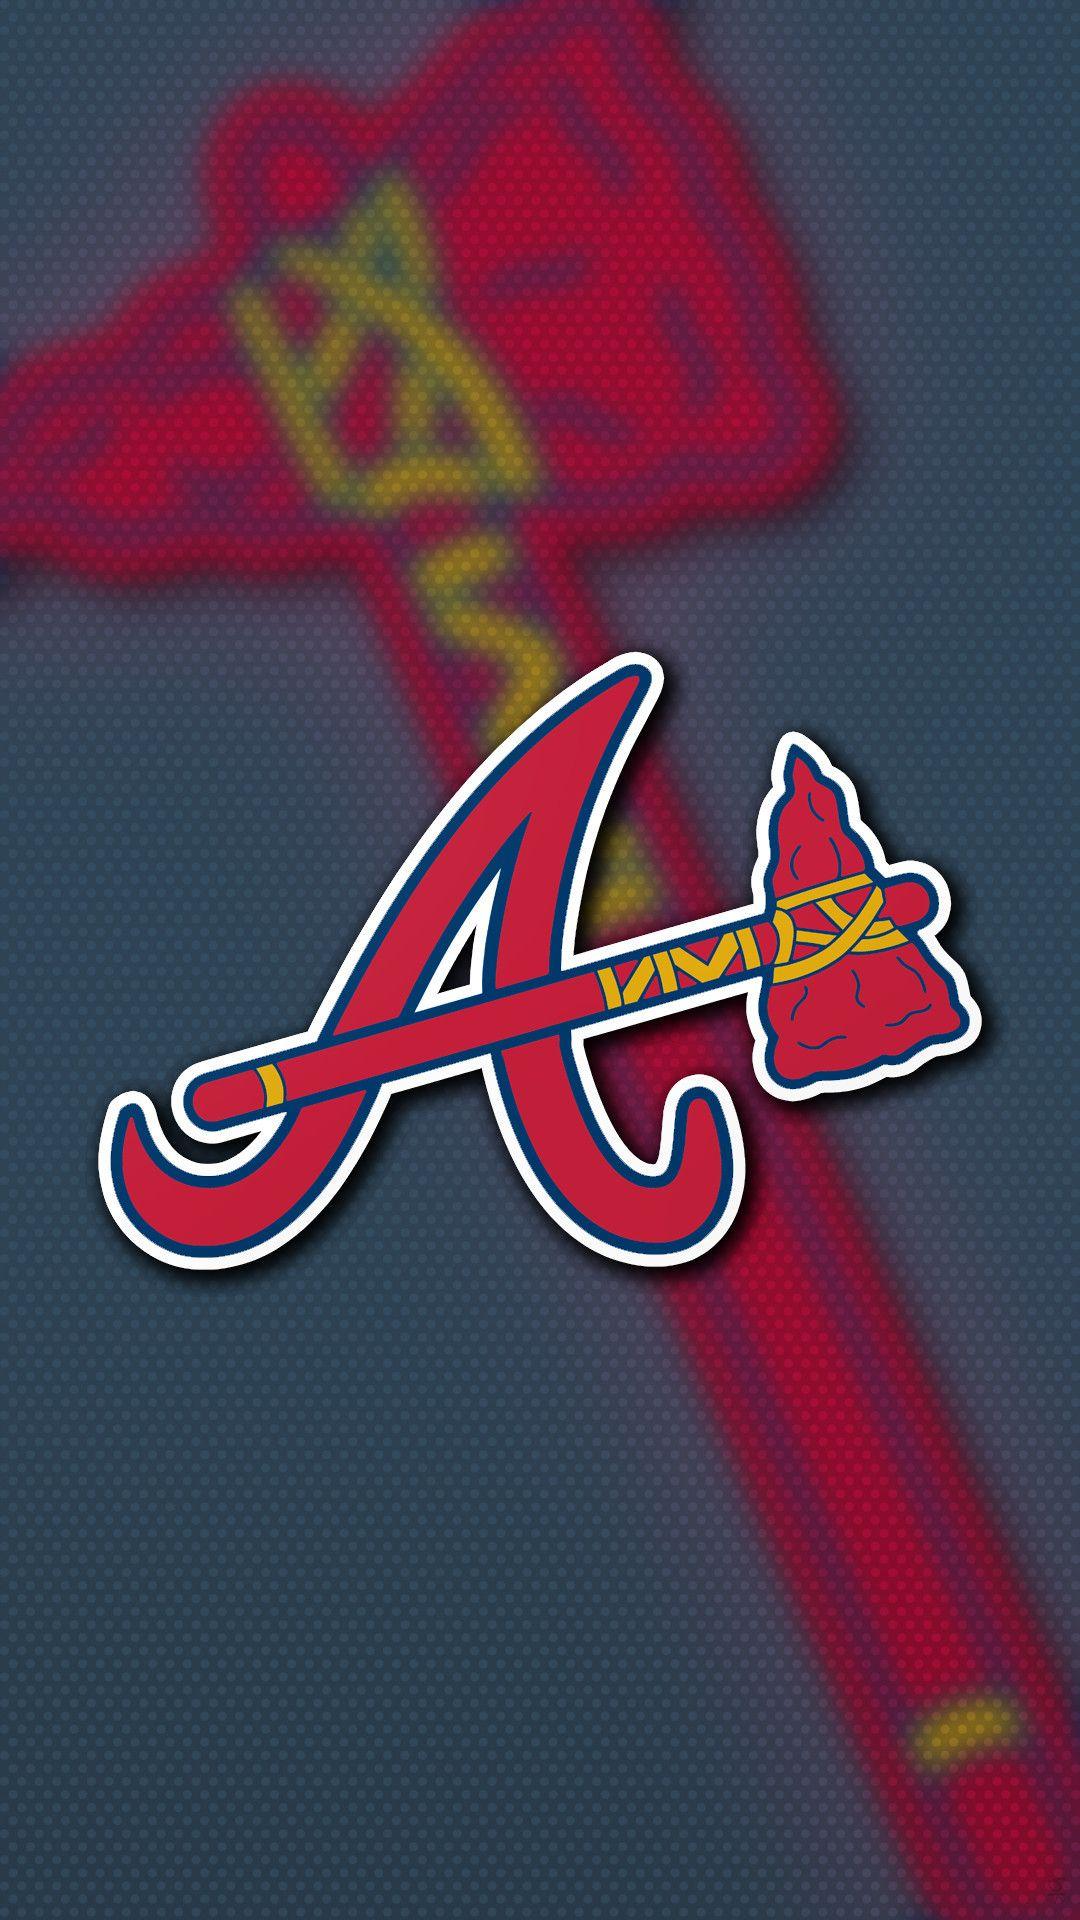 Iphone Wallpaper Atlanta Braves in 2020 Atlanta braves